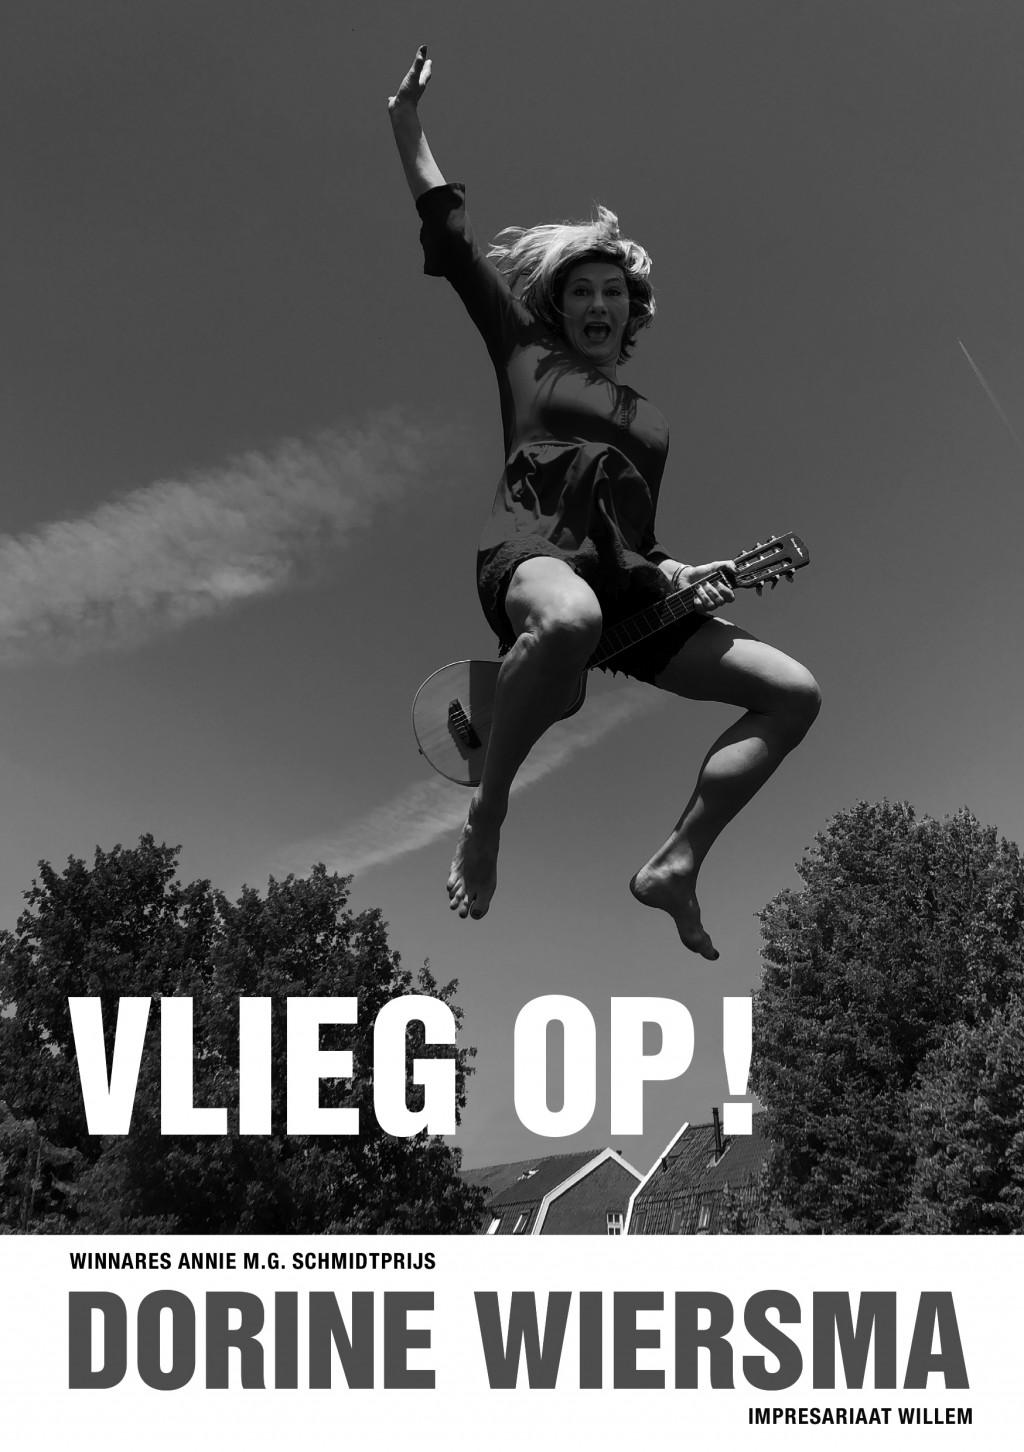 https://www.podiumvlieland.nl/images/evenement/Dorine_VLIEG_OP_2021-2022_zwartwit.jpg